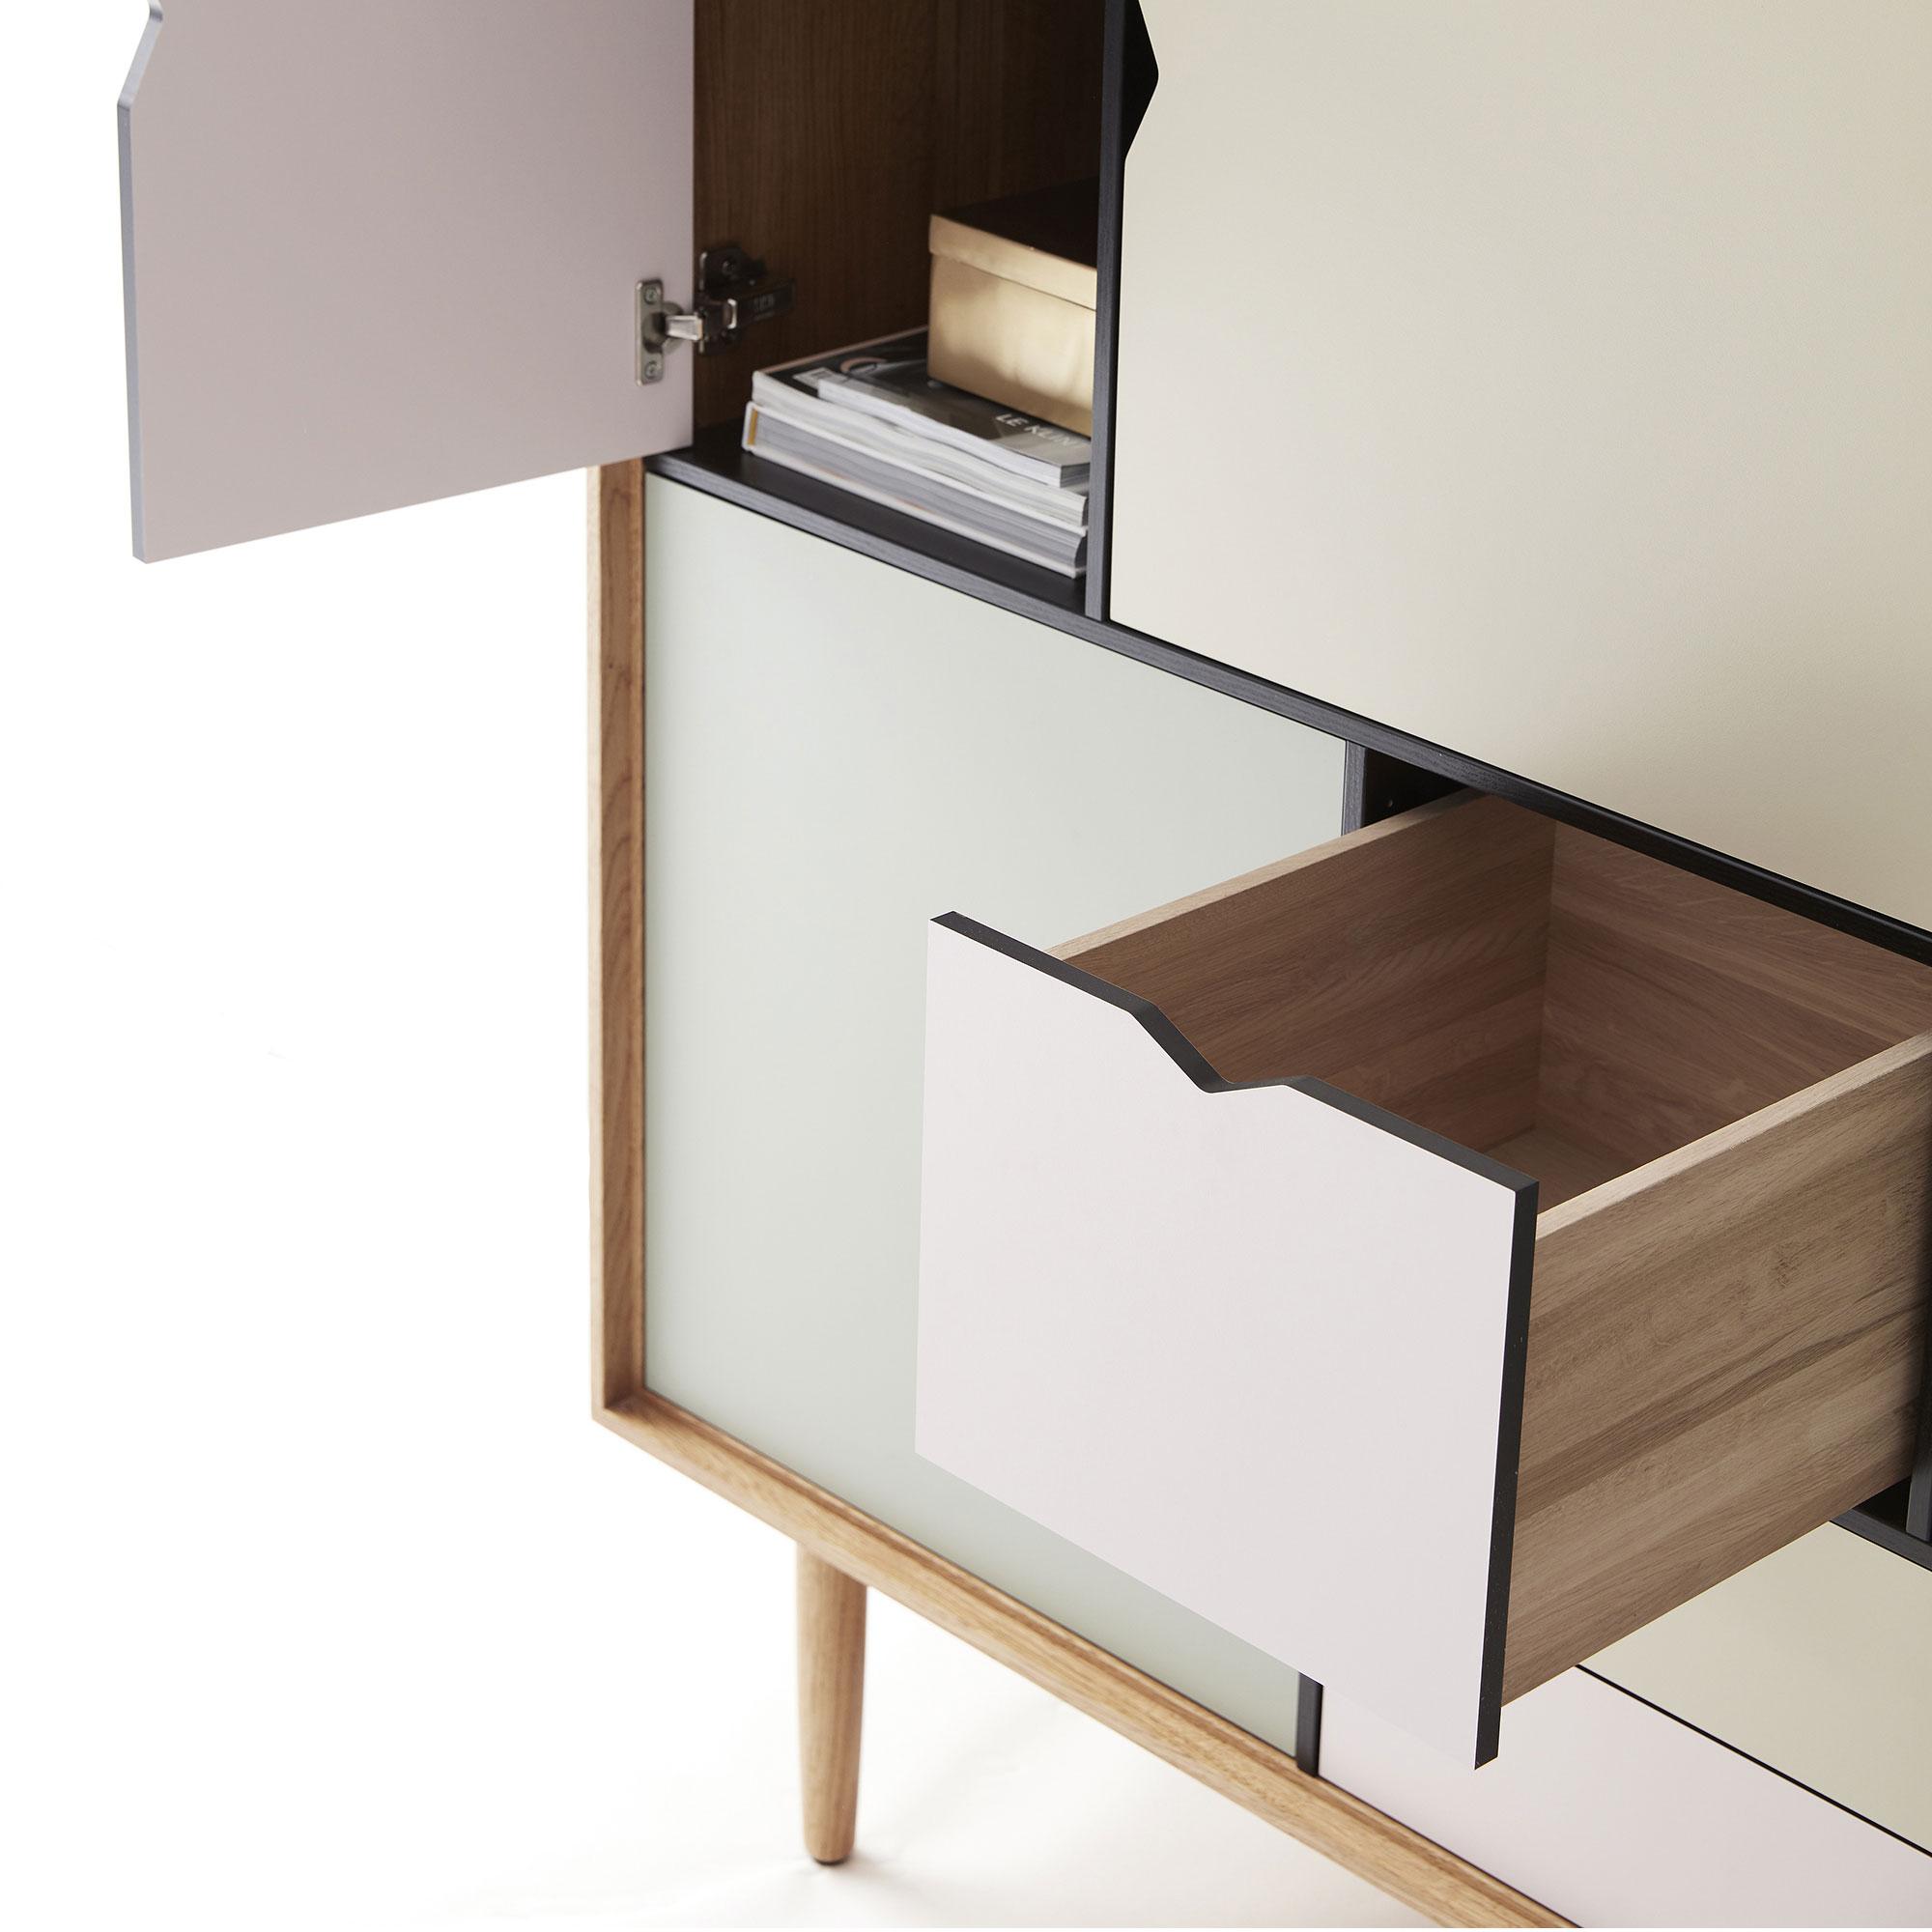 Köp S3 Förvaring från Andersen Furniture | Nordiska Galleriet